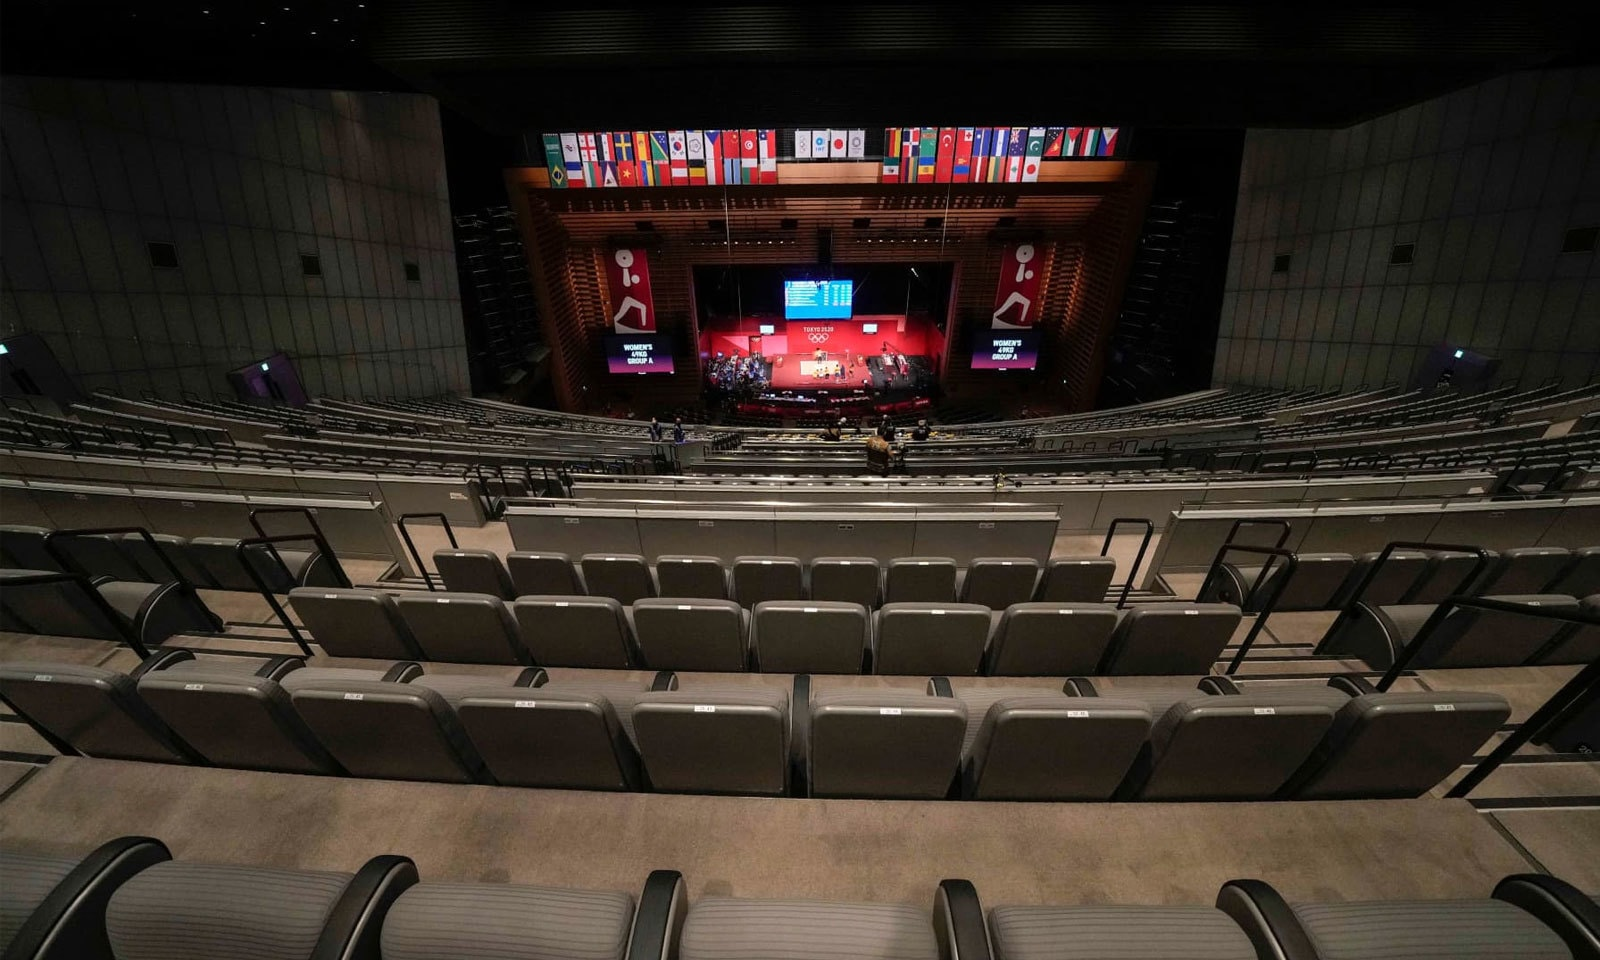 خواتین کے 49 کلو گرام ویٹ لفٹنگ مقابلوں میں ٹوکیو انٹرنیشنل فورم میں تماشائیوں کی کرسیاں خالی رہیں— فوٹو: اے پی